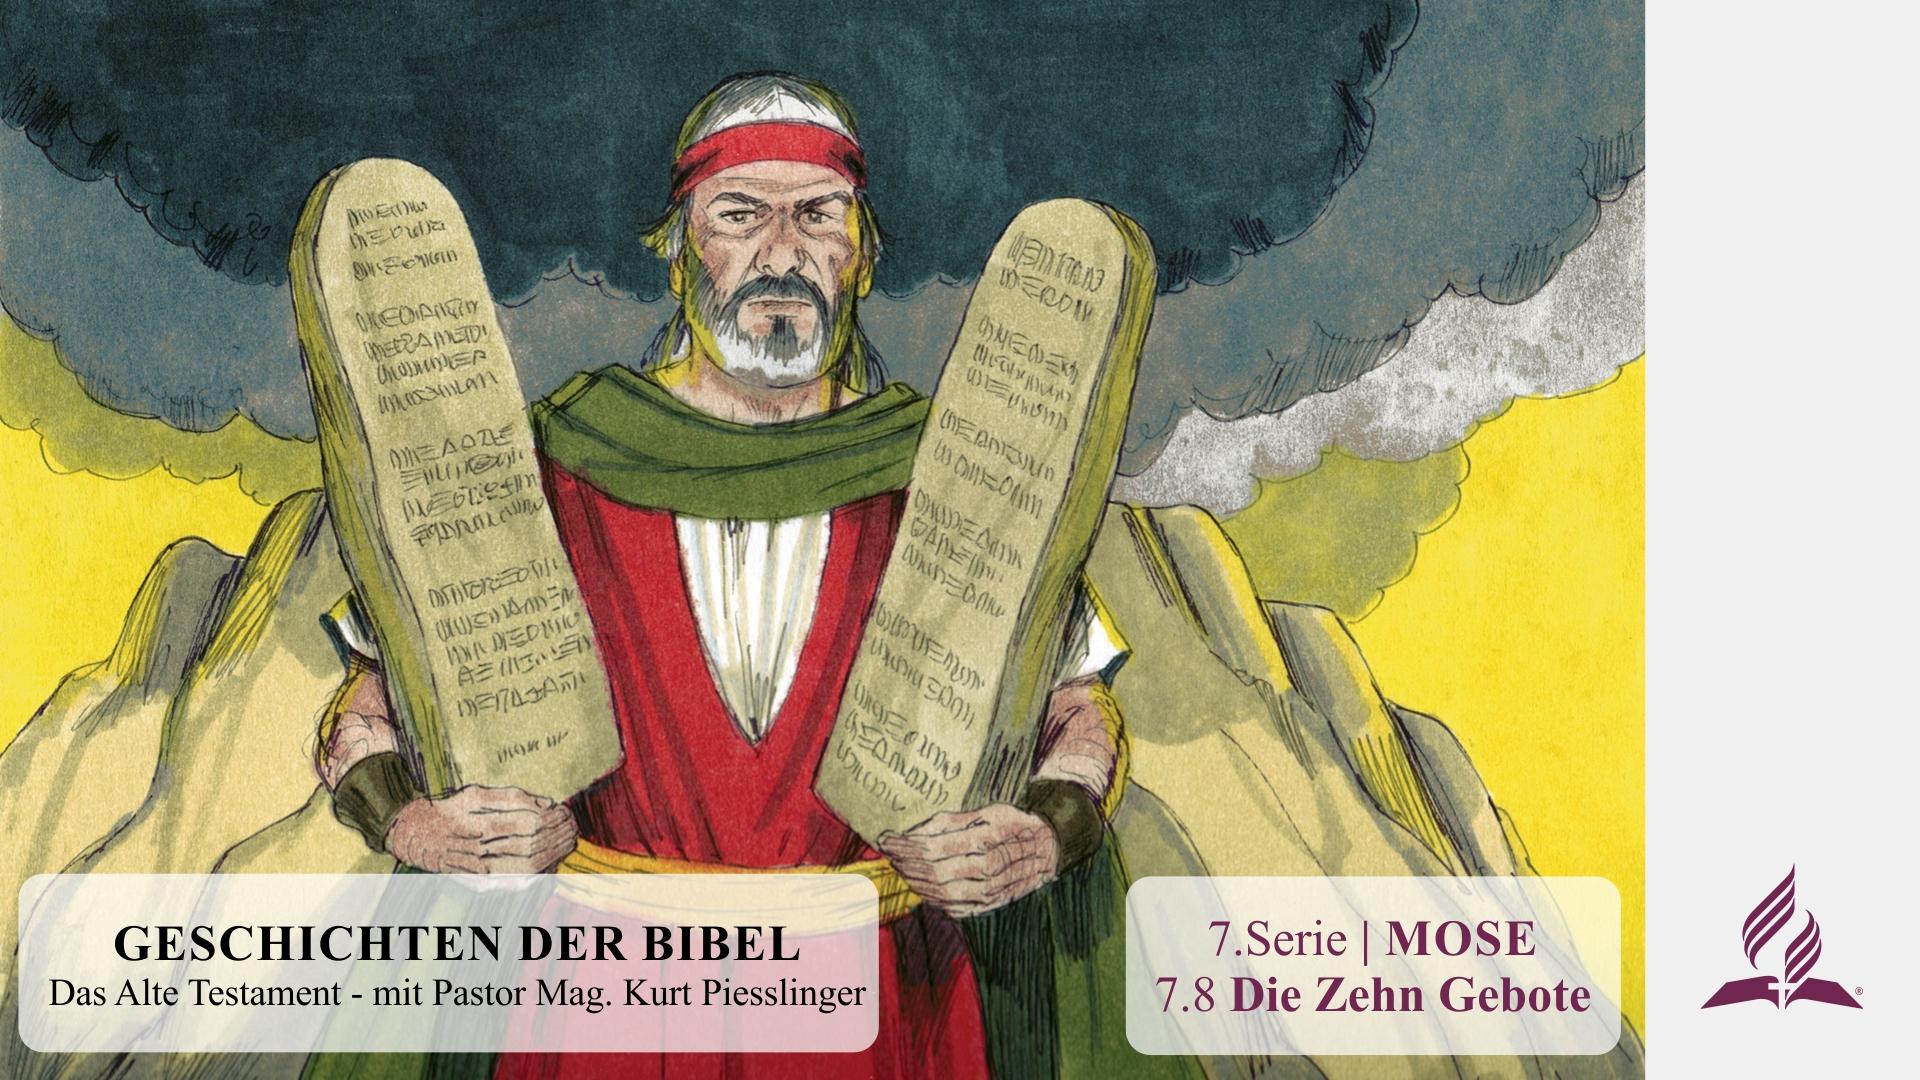 GESCHICHTEN DER BIBEL: 7.8 Die Zehn Gebote – 7.MOSE | Pastor Mag. Kurt Piesslinger